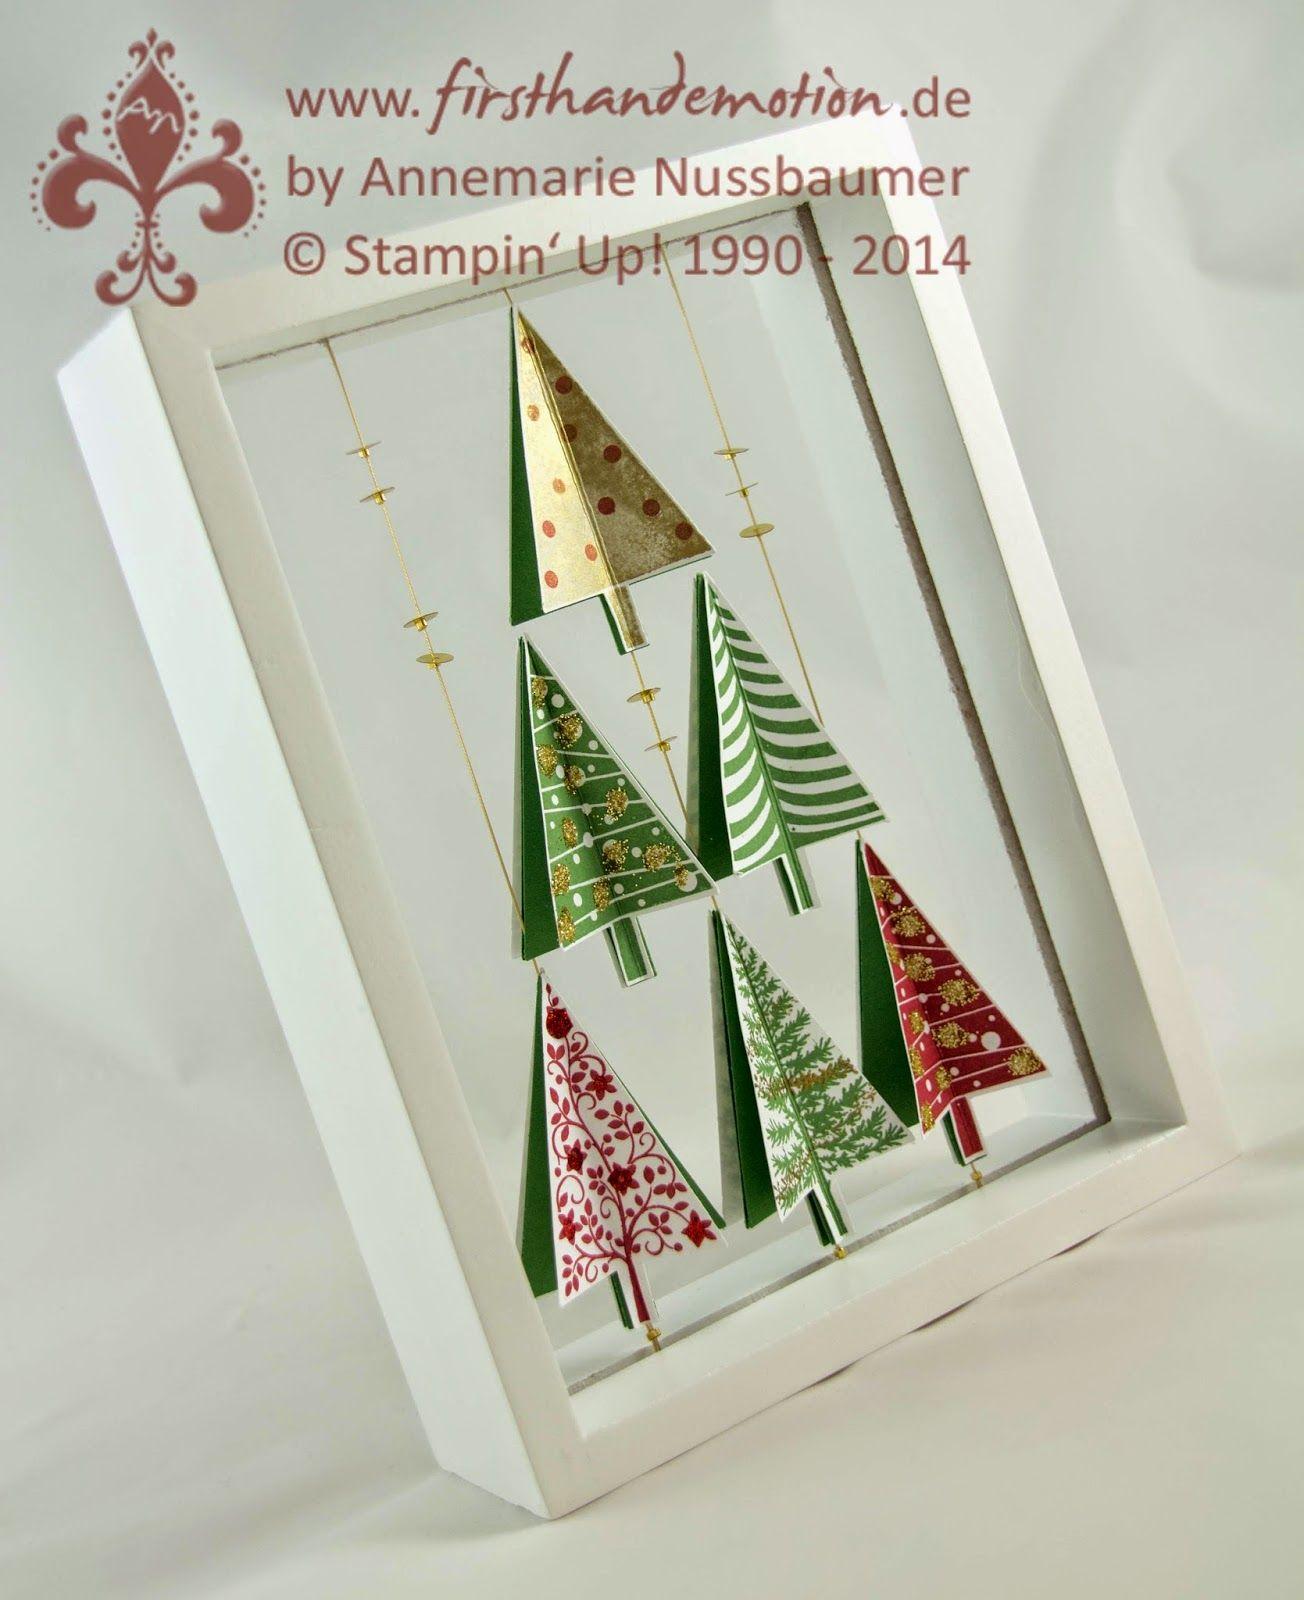 Beeindruckend Edle Weihnachtskarten Basteln Galerie Von